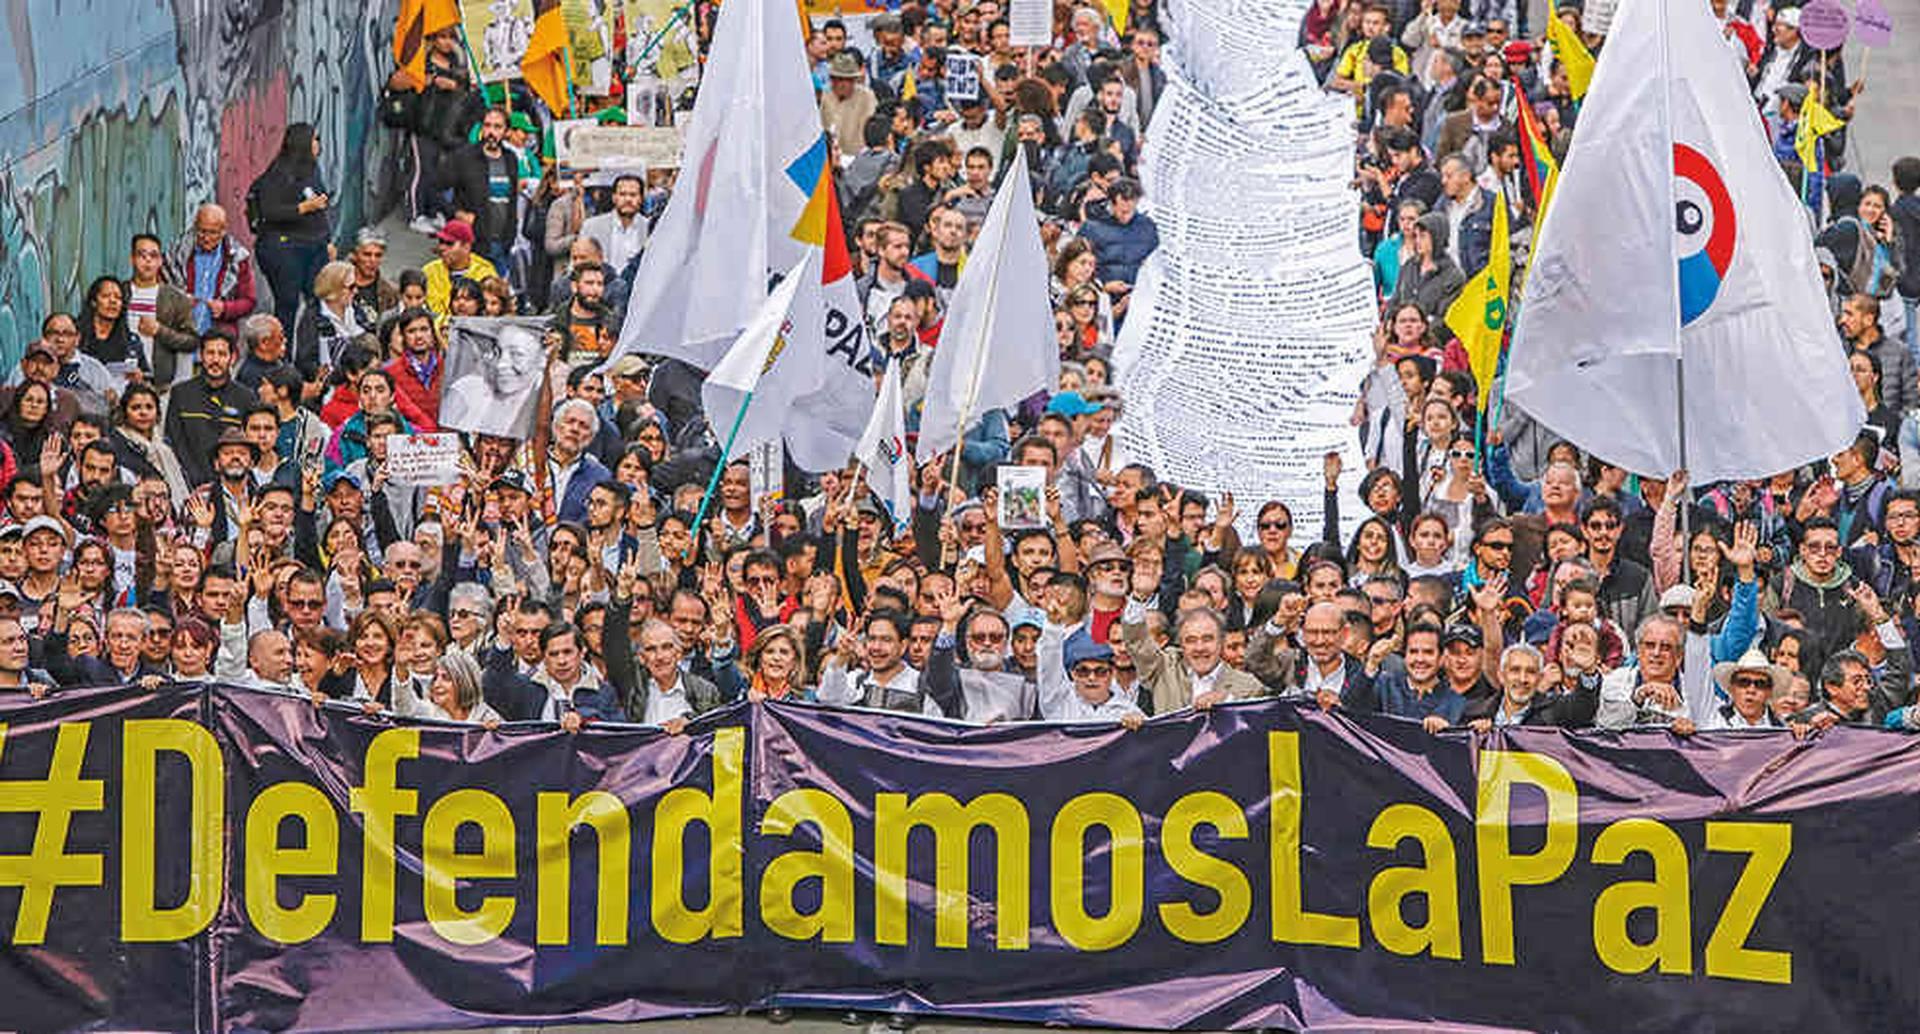 Quienes defienden la integridad del acuerdo de paz también creen que el Estado debe perseguir a Márquez, Santrich y los otros que traicionaron el acuerdo. Los pacifistas, ahora, piden proteger a los desmovilizados que sí cumplen.